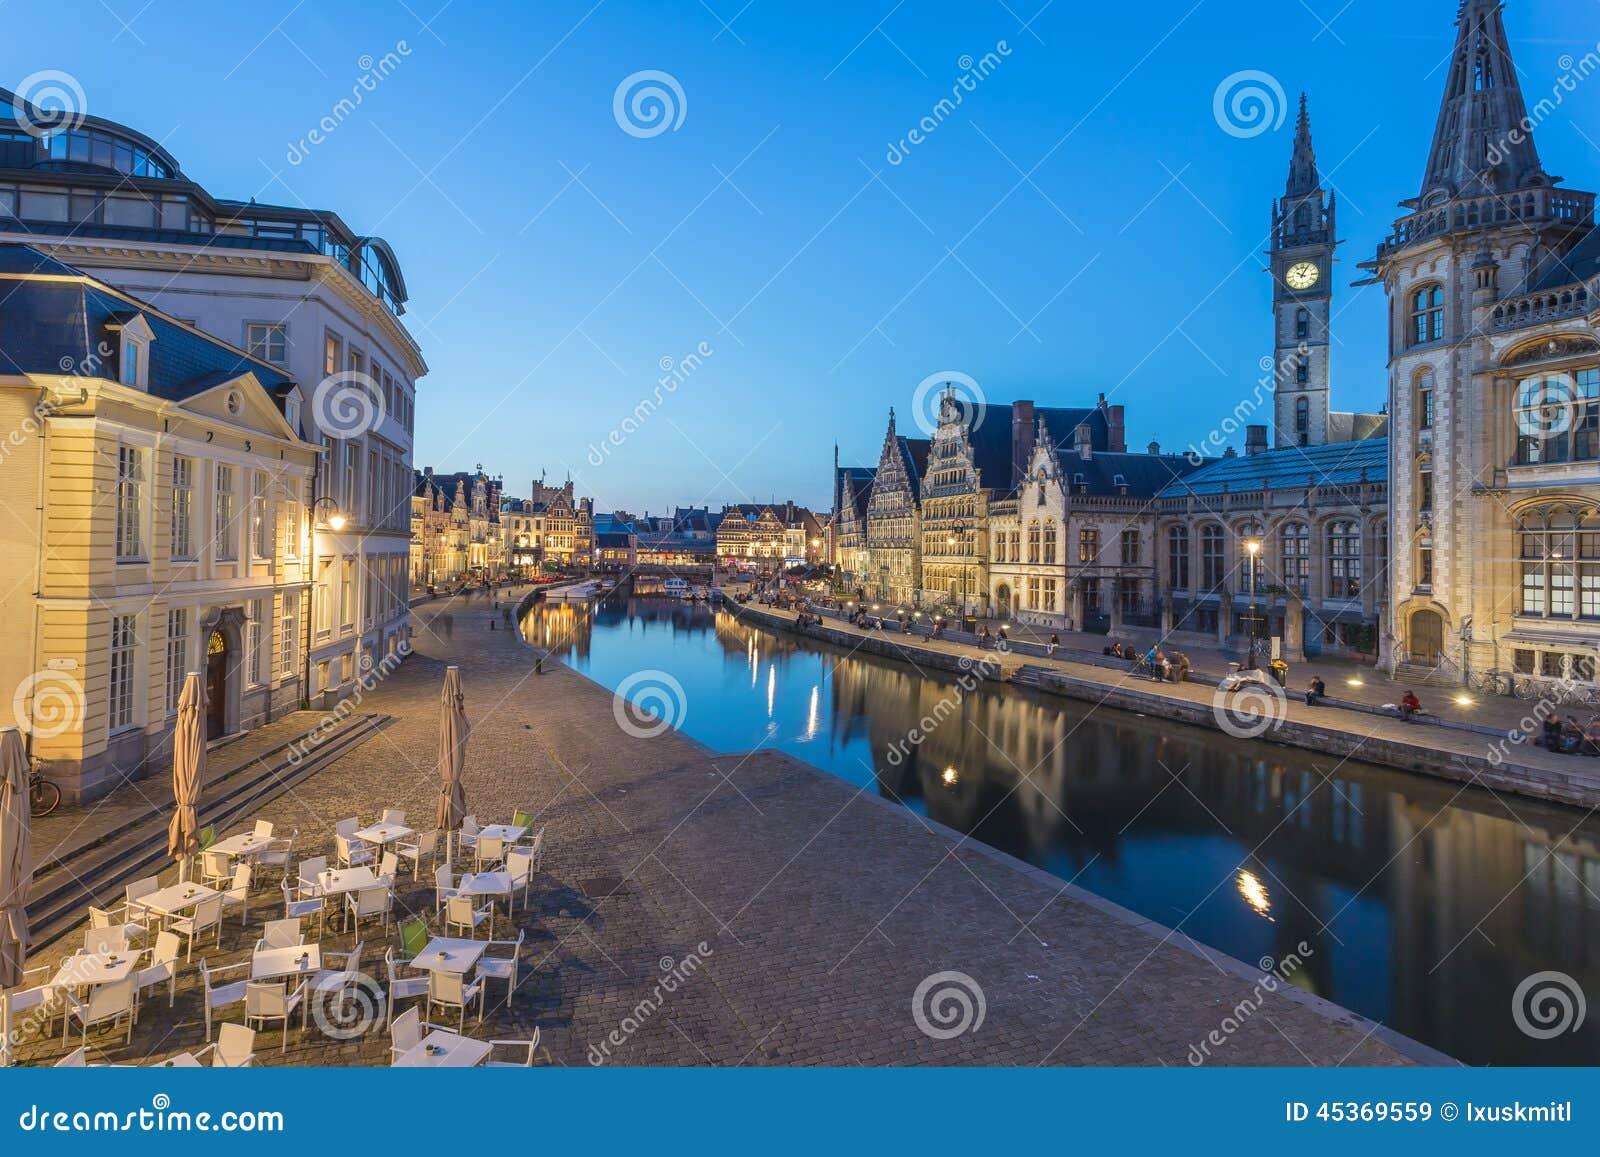 Marché central de Gand, Belgique